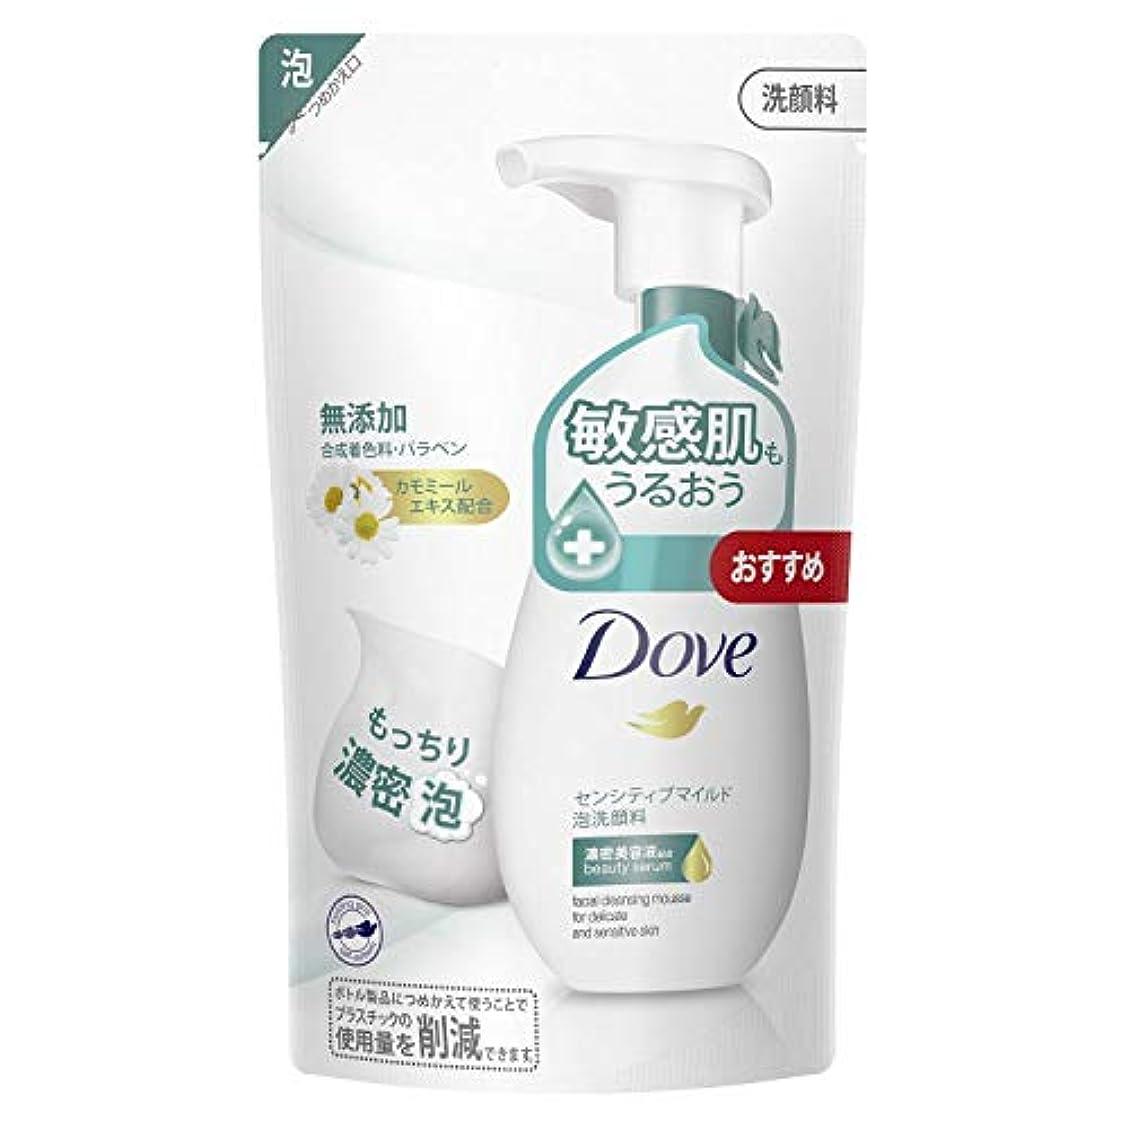 タッチレビュアー薄いダヴ センシティブマイルド クリーミー泡洗顔料 つめかえ用 敏感肌用 140mL